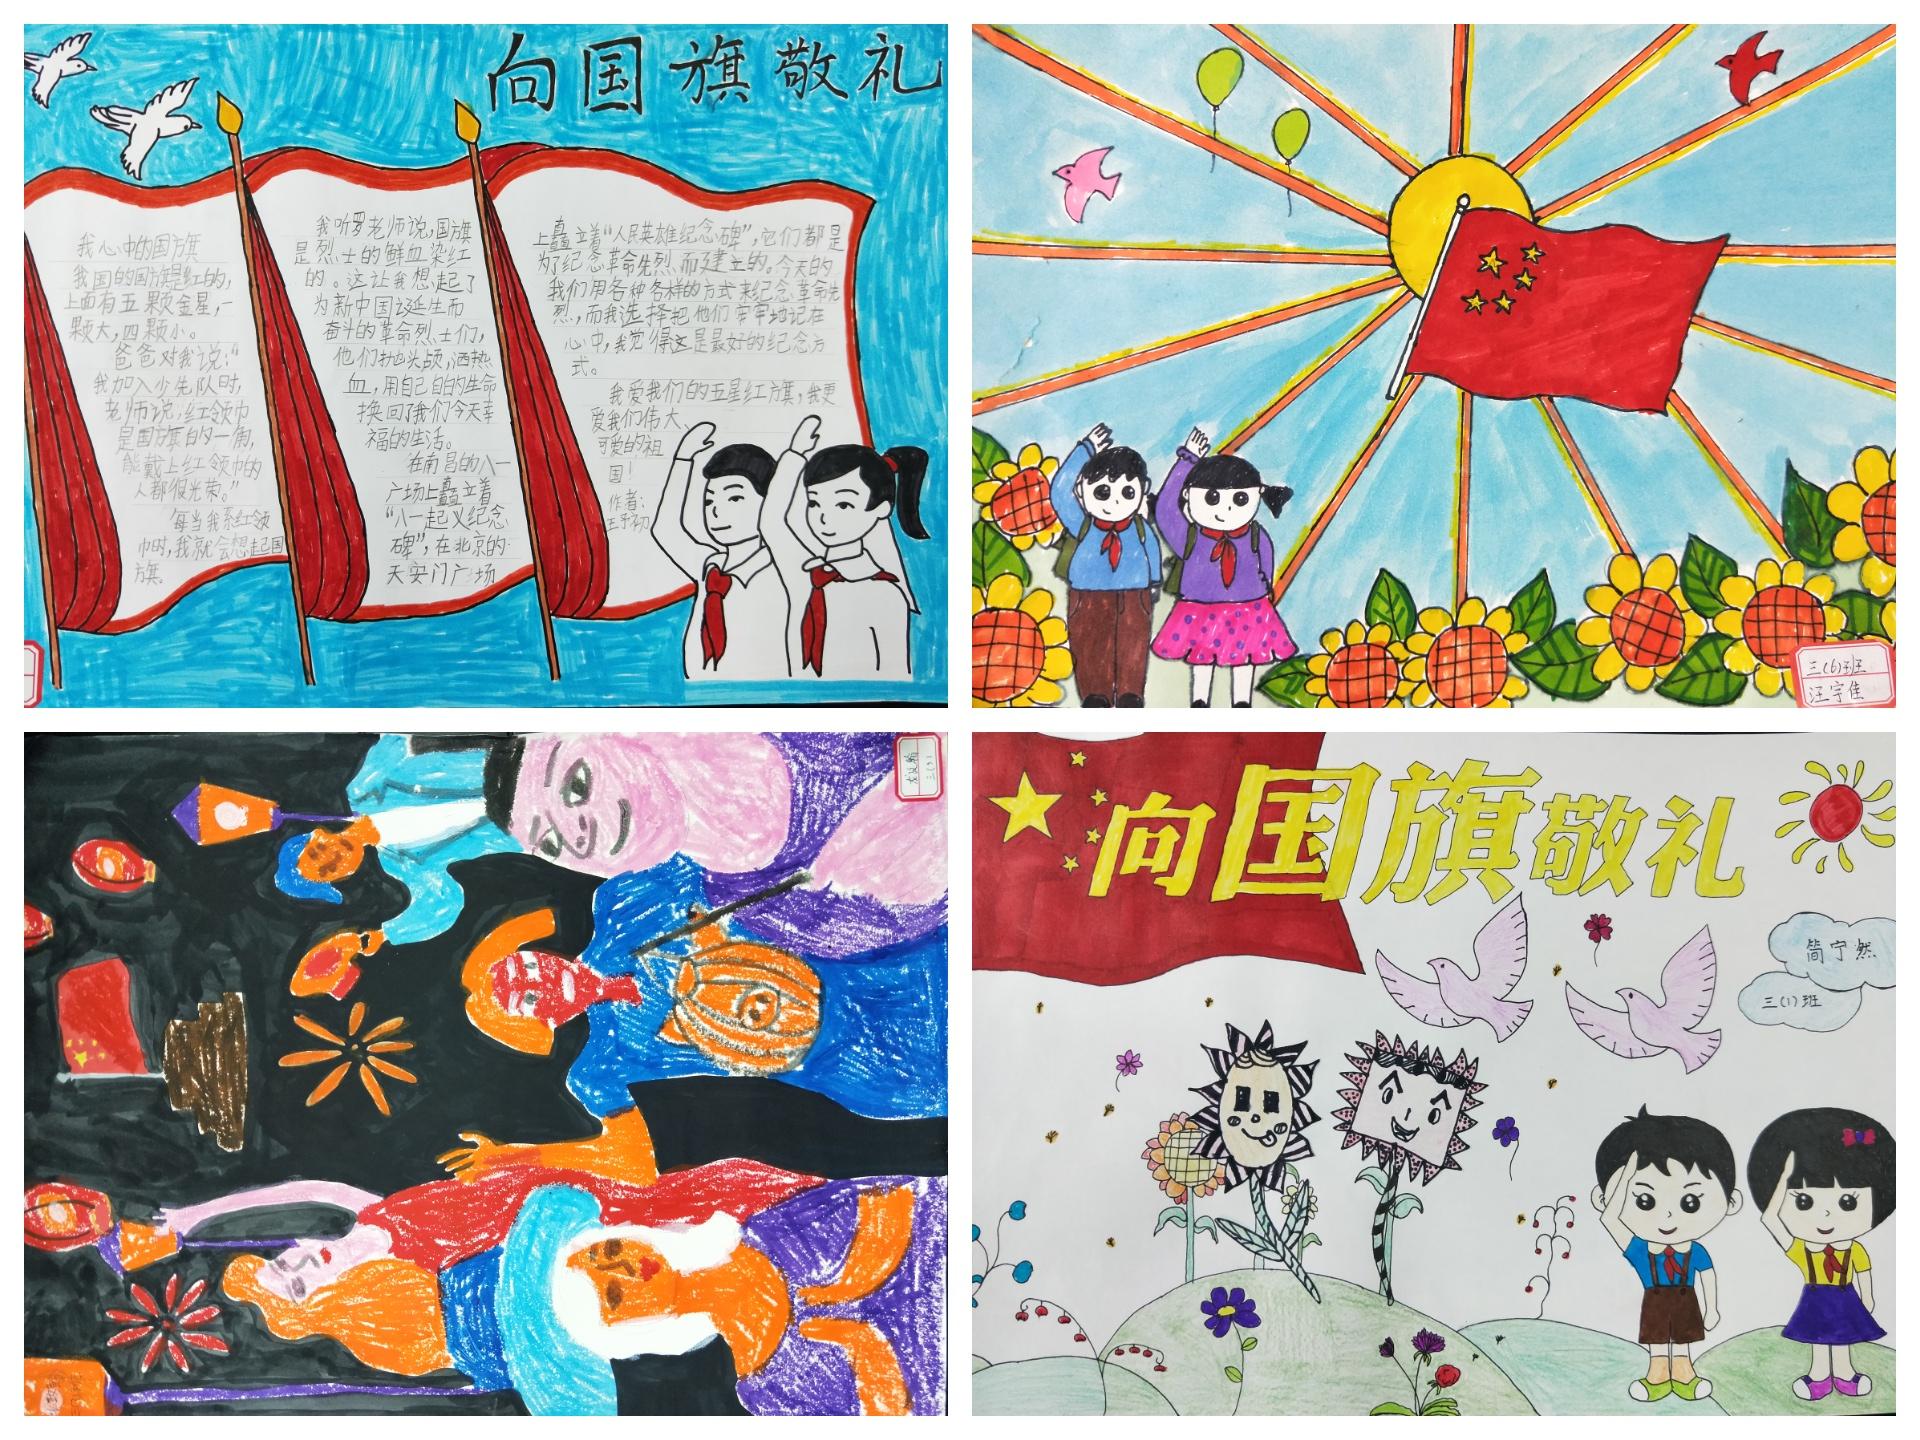 开展了迎国庆集体向国旗敬礼,升旗仪式,主题班会,手抄报比赛,绘画展